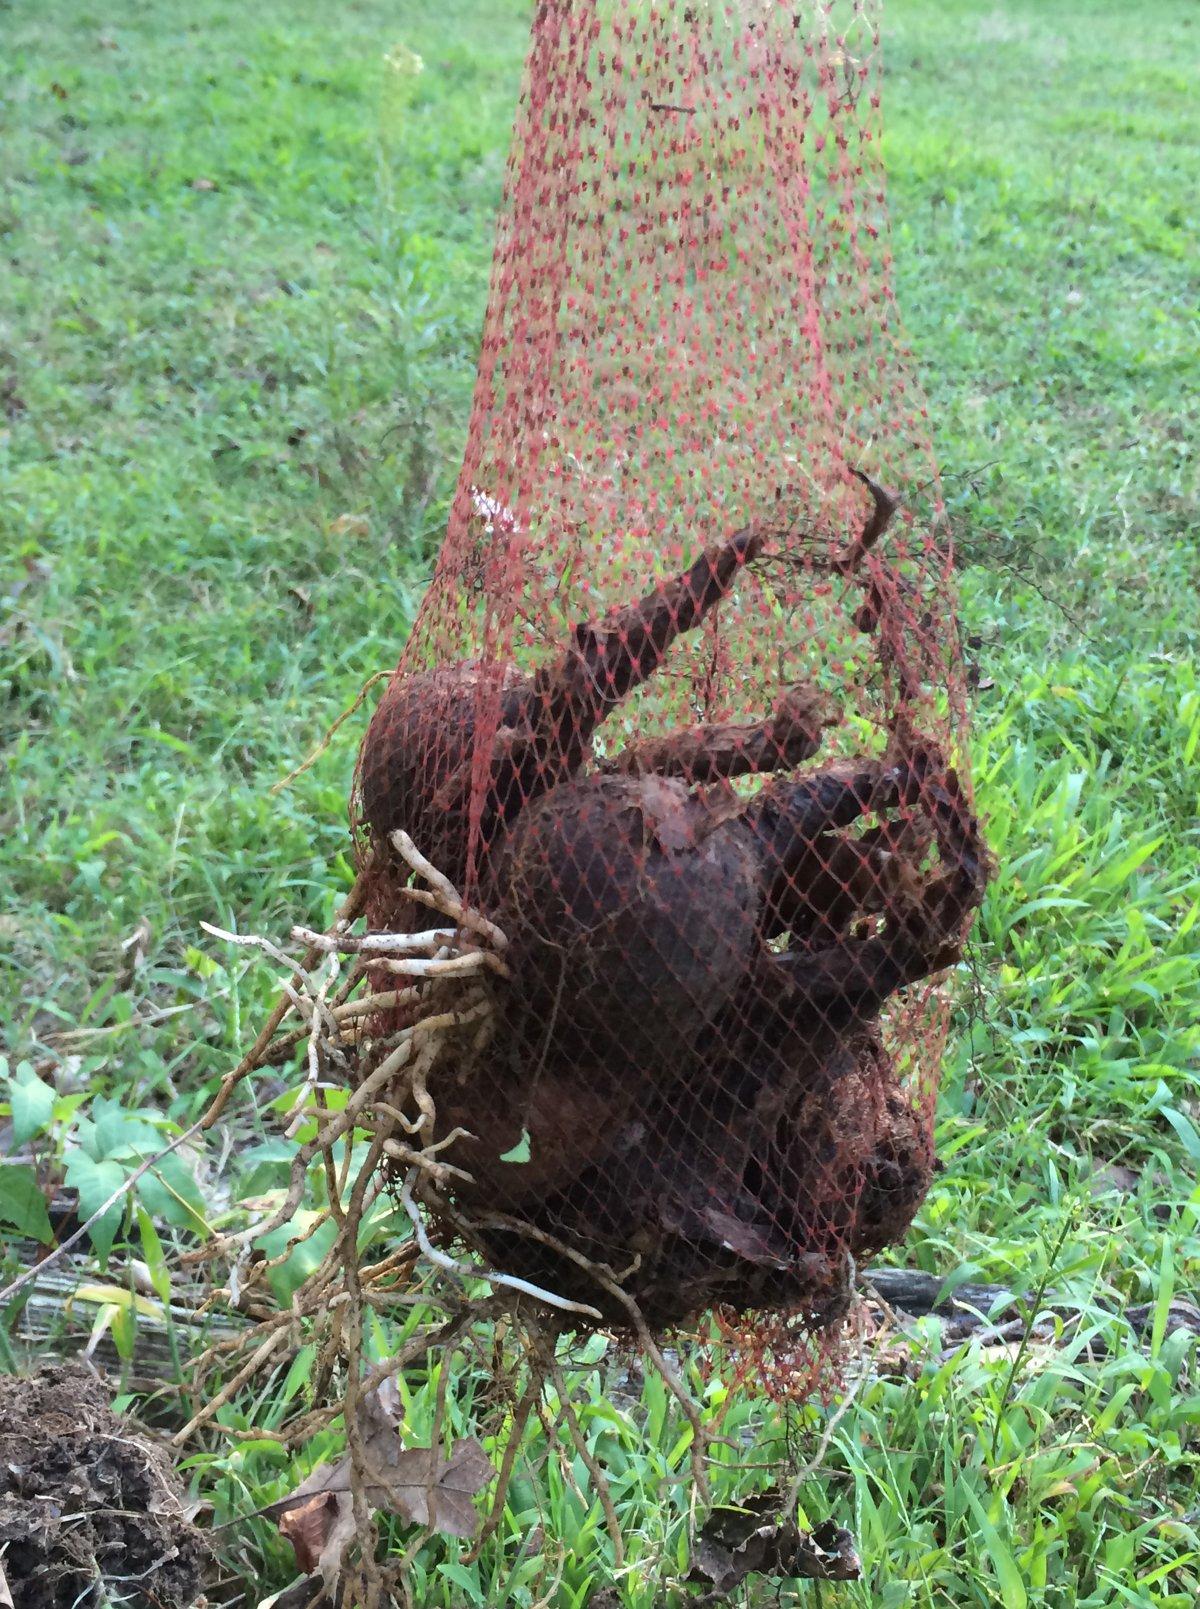 Daffodil bulbs in a mesh planting bag.